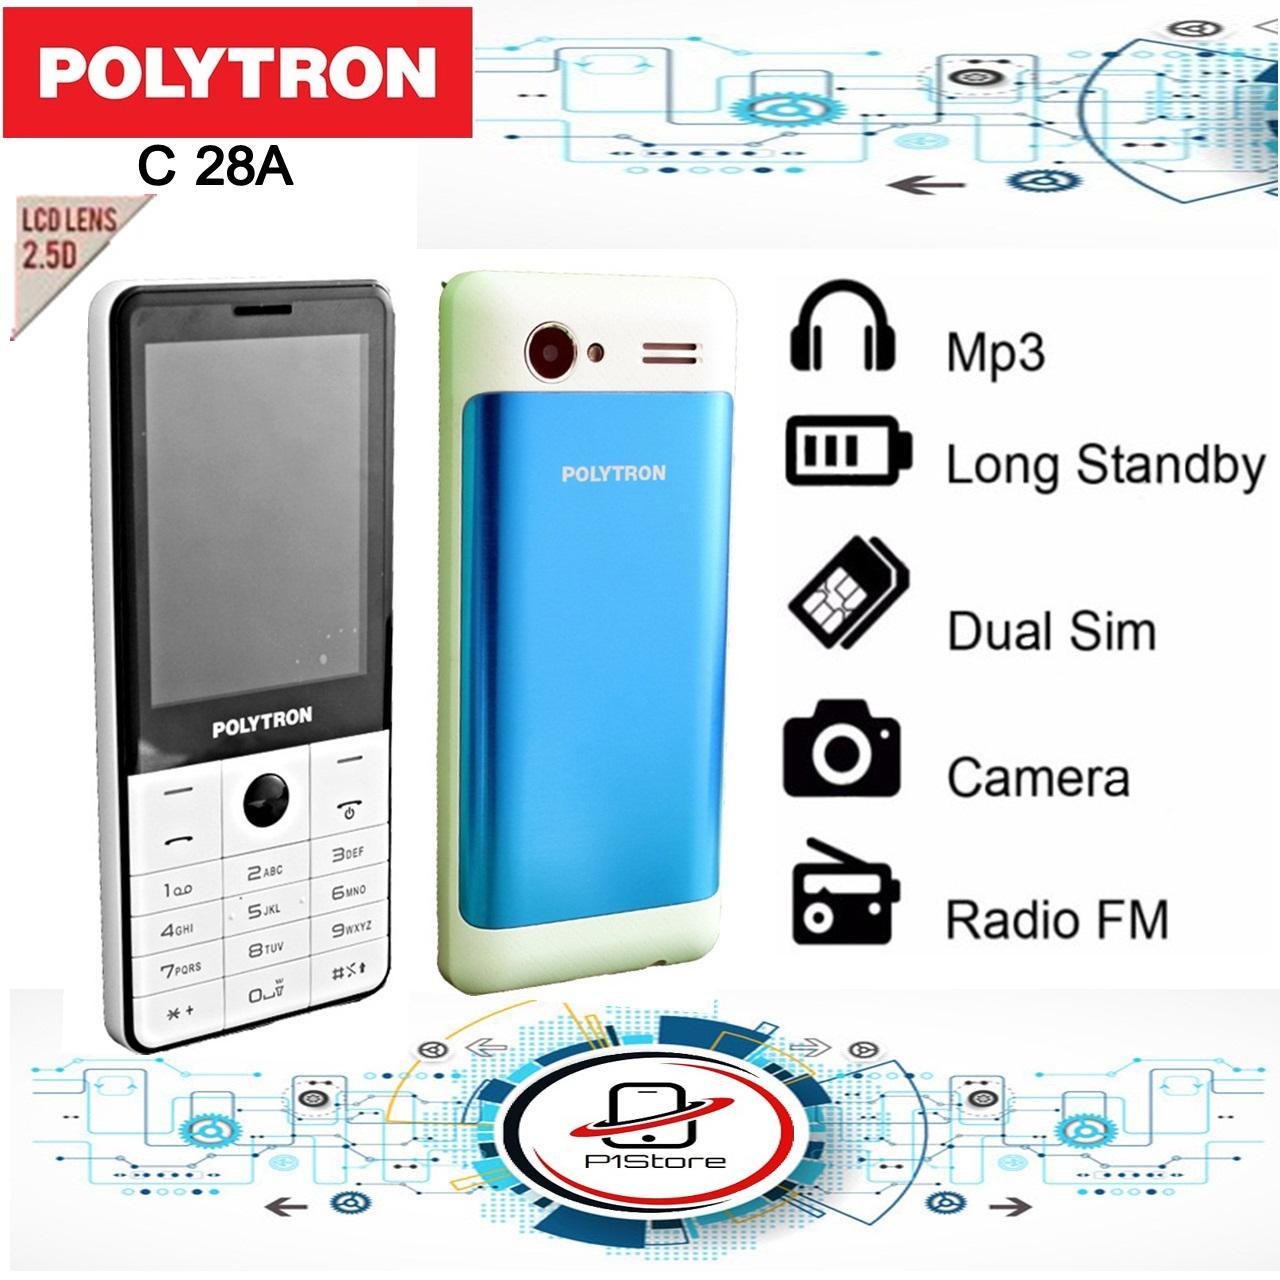 Jual Polytron C28a Murah Garansi Dan Berkualitas Id Store W3430 Wizard Crystal Rp 249000